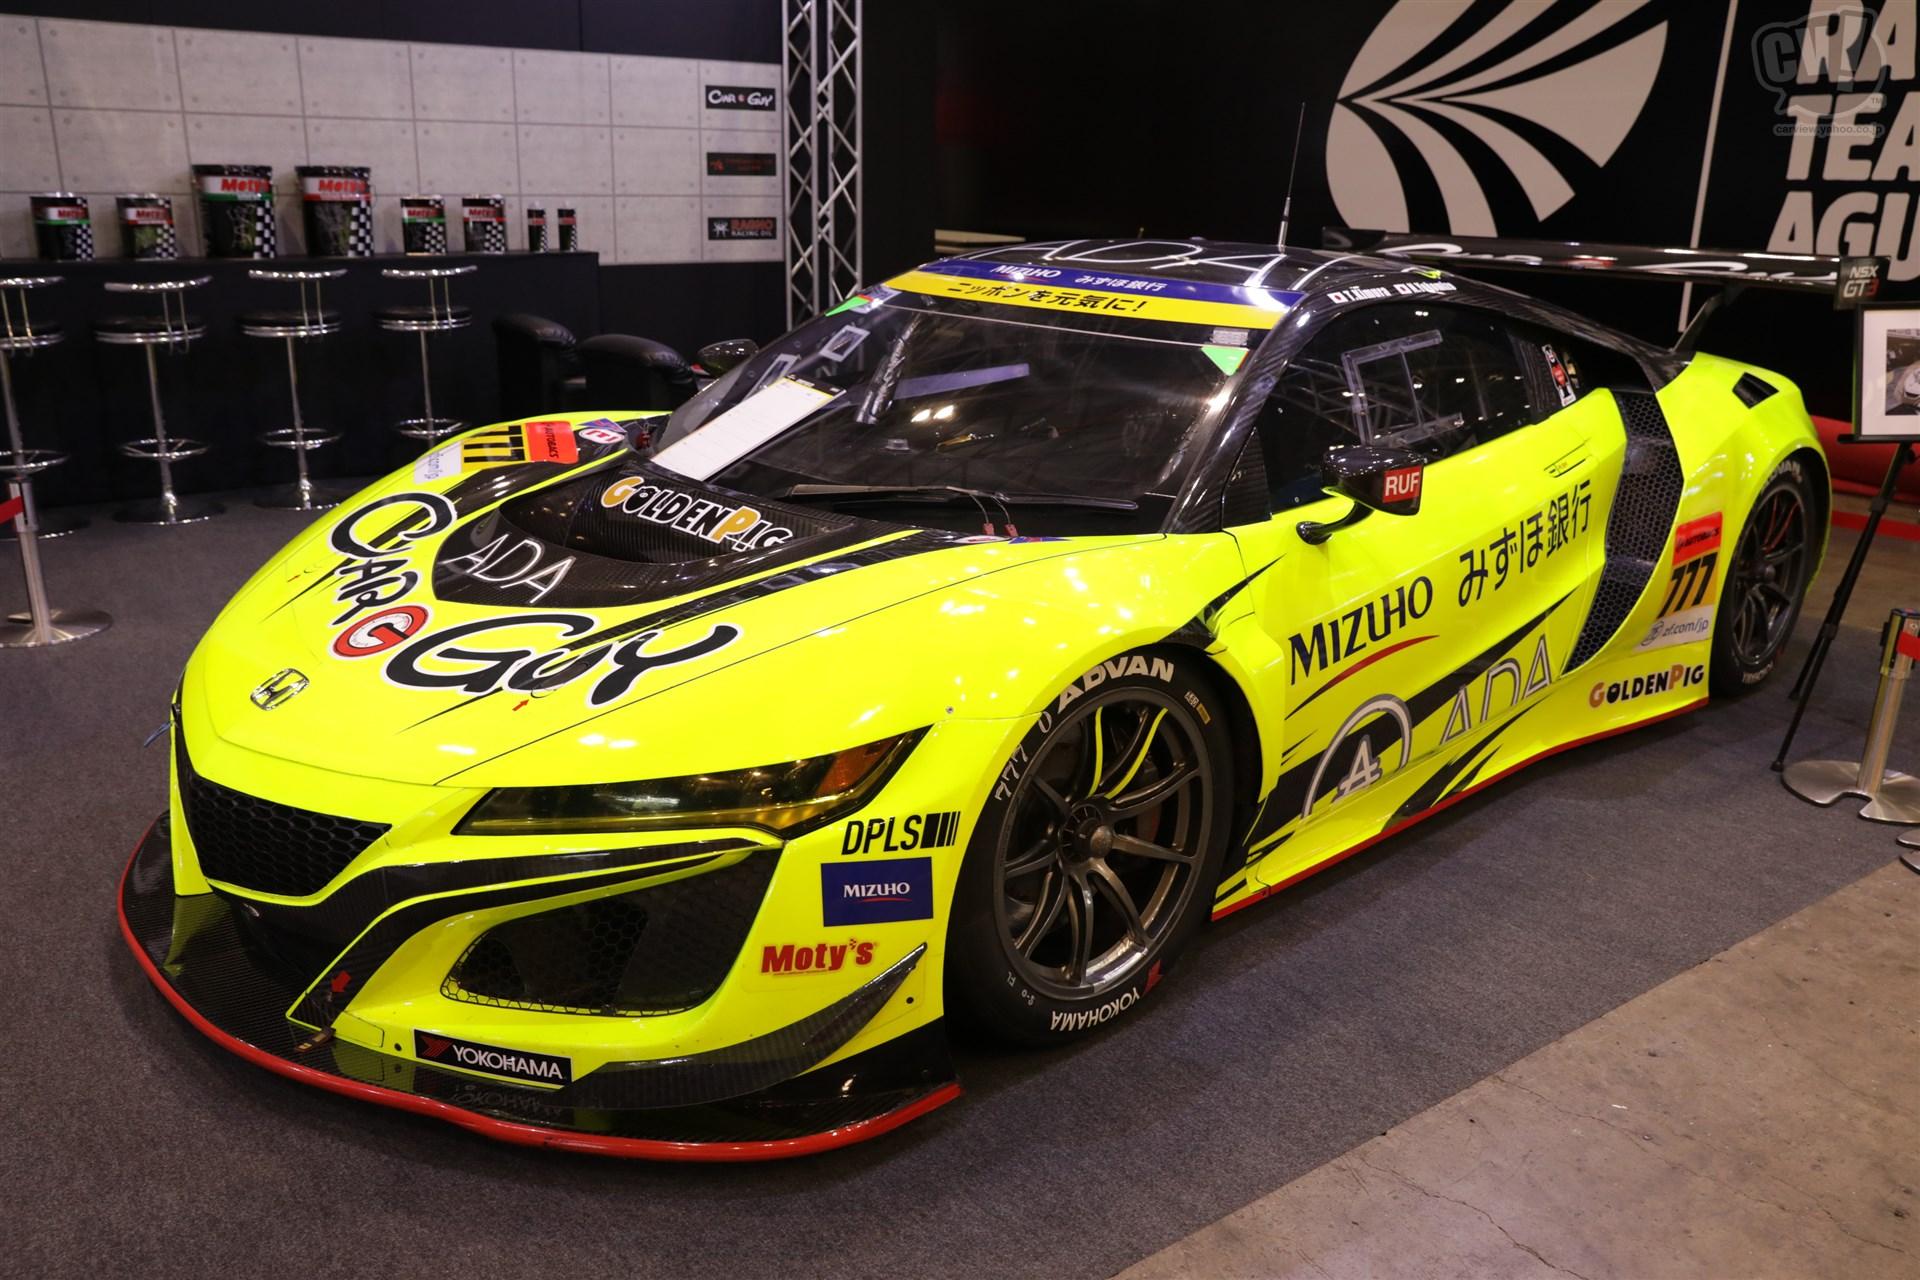 Moty's ホンダ NSX